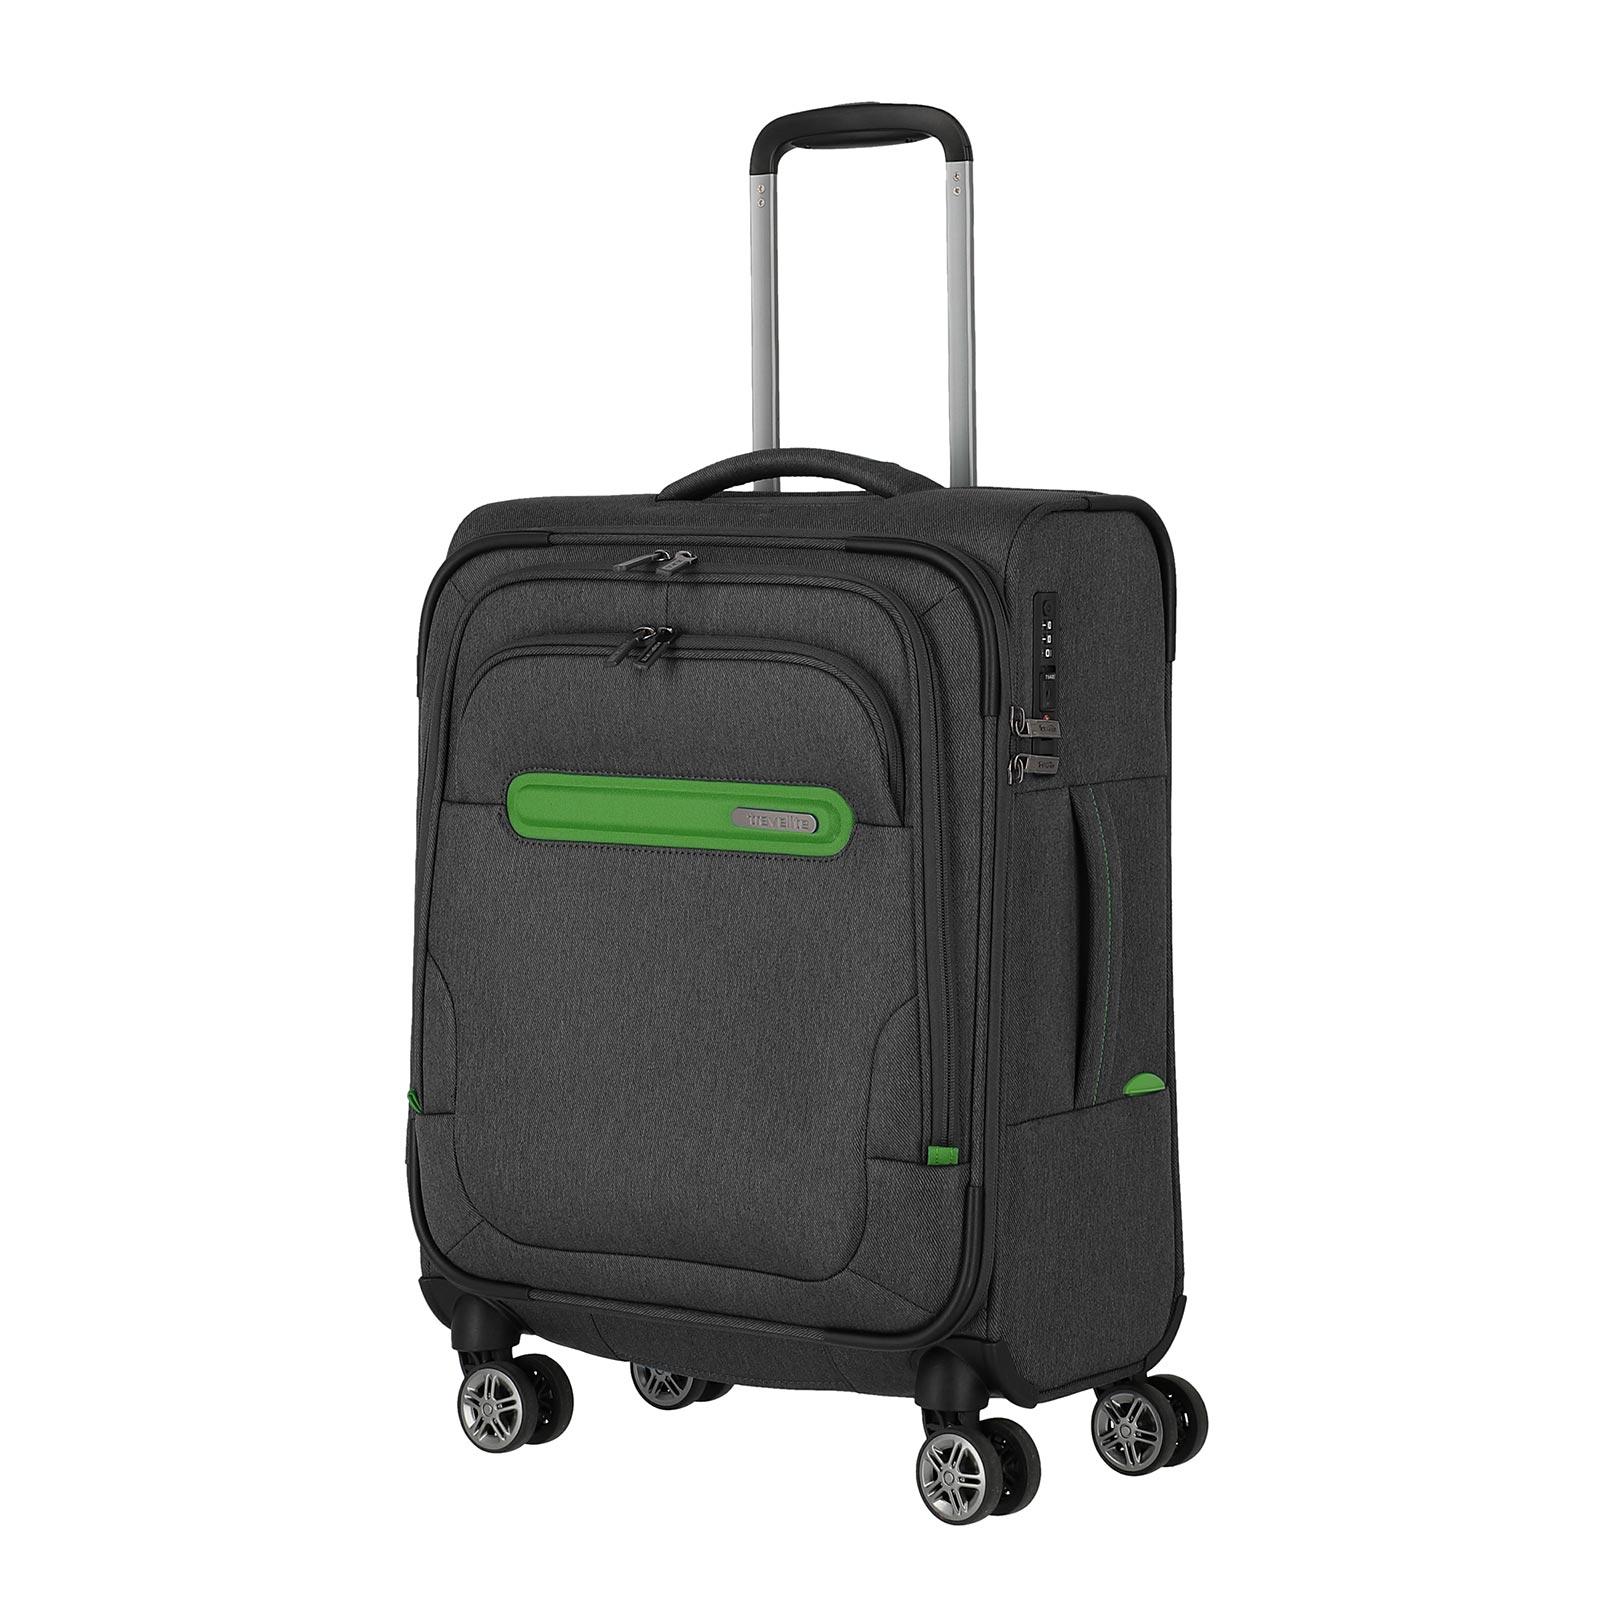 Travelite Tourer Trolley Erweiterbar M 68 Cm Koffer, Taschen & Accessoires